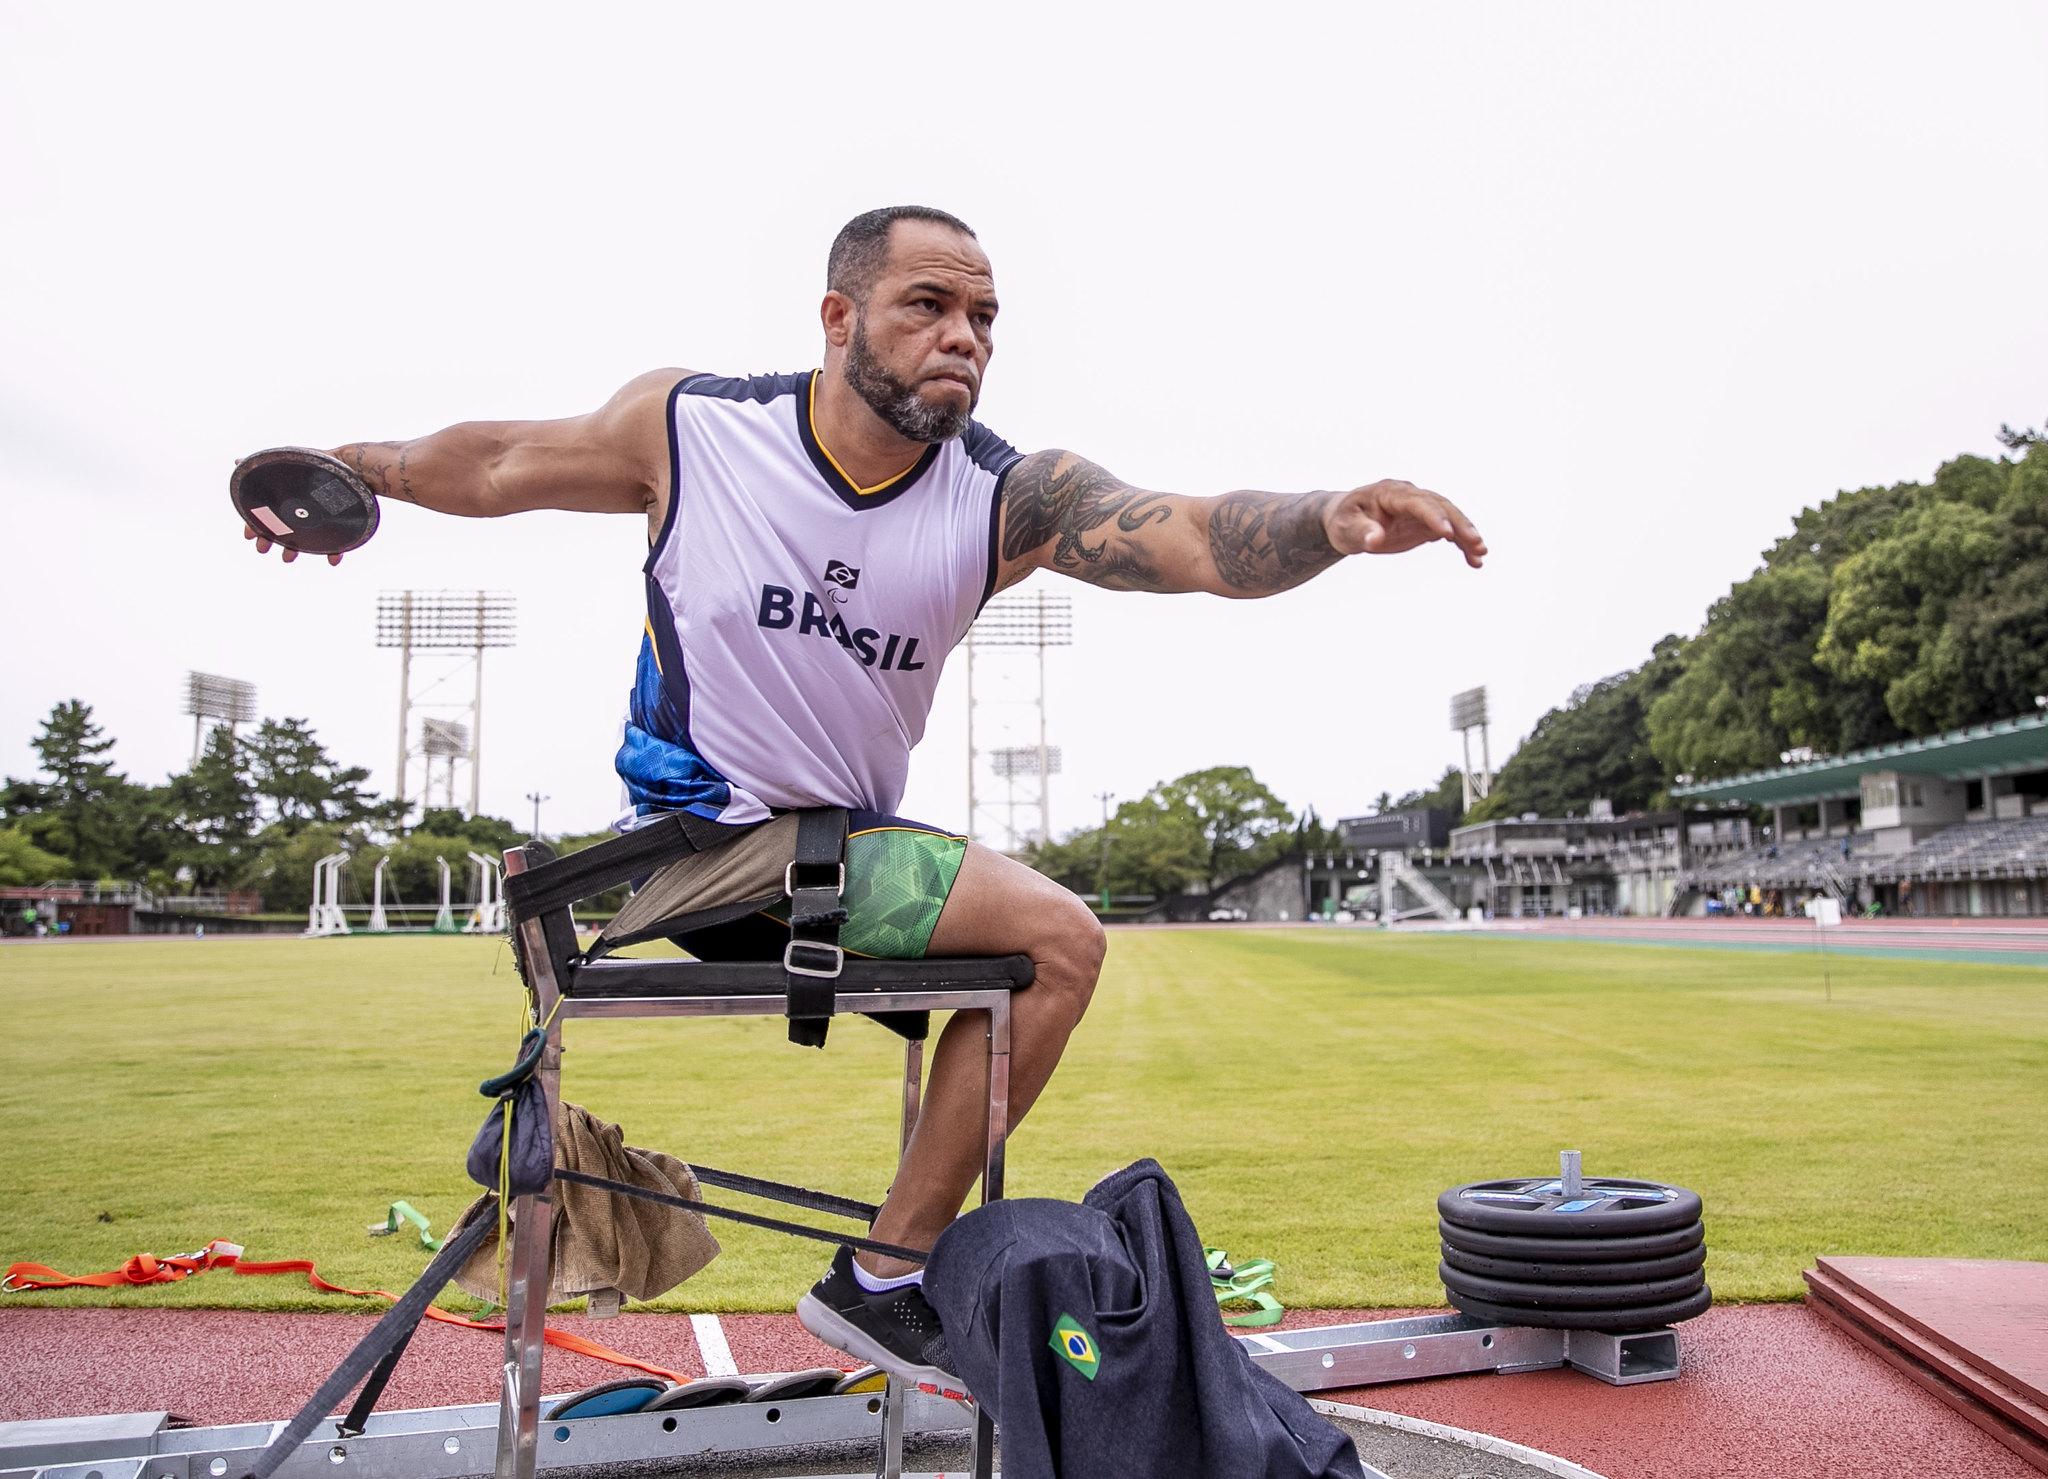 Com camisa de treino, Claudiney Santos se prepara para lançamento